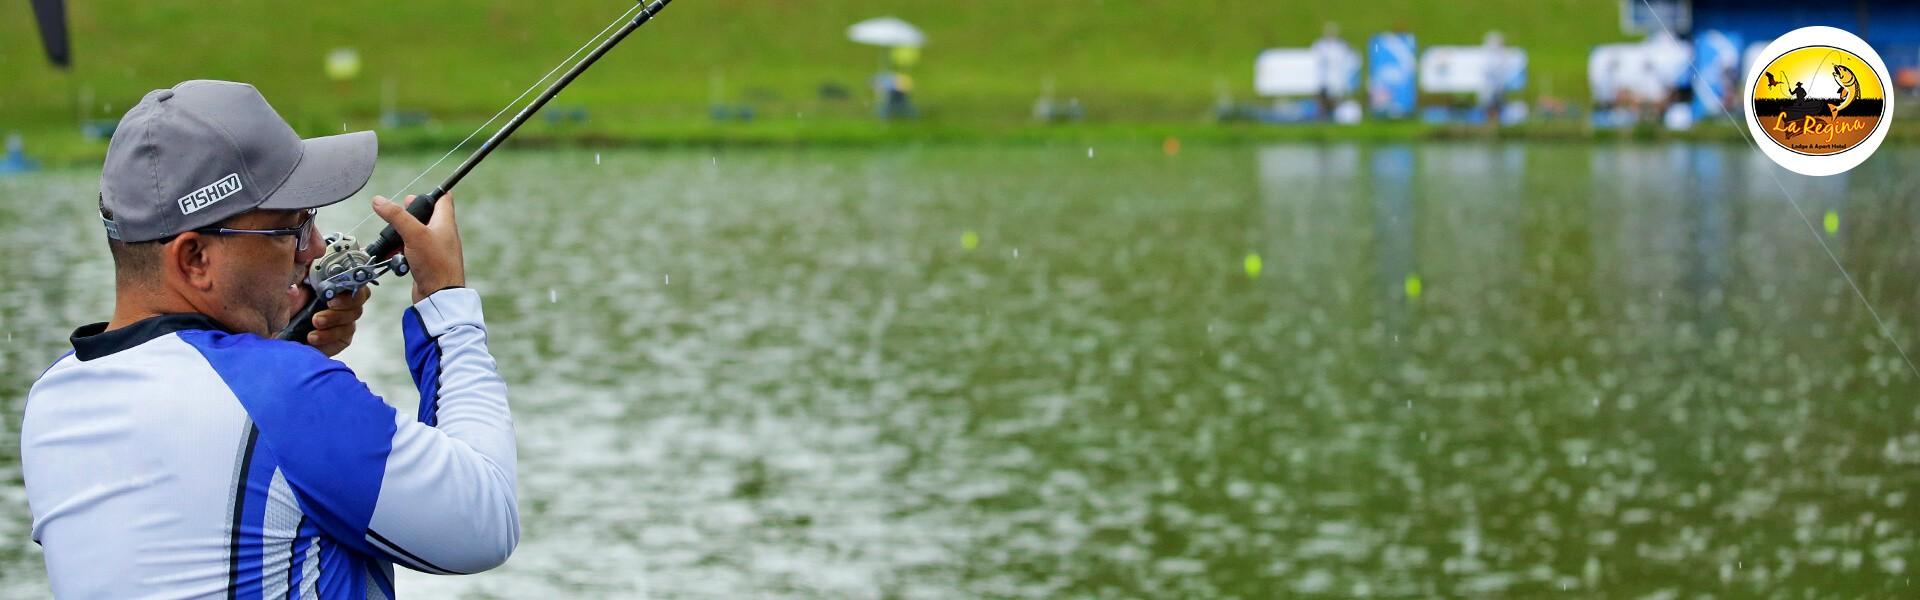 La Regina Hotel agora faz parte do Campeonato Brasileiro em Pesqueiros